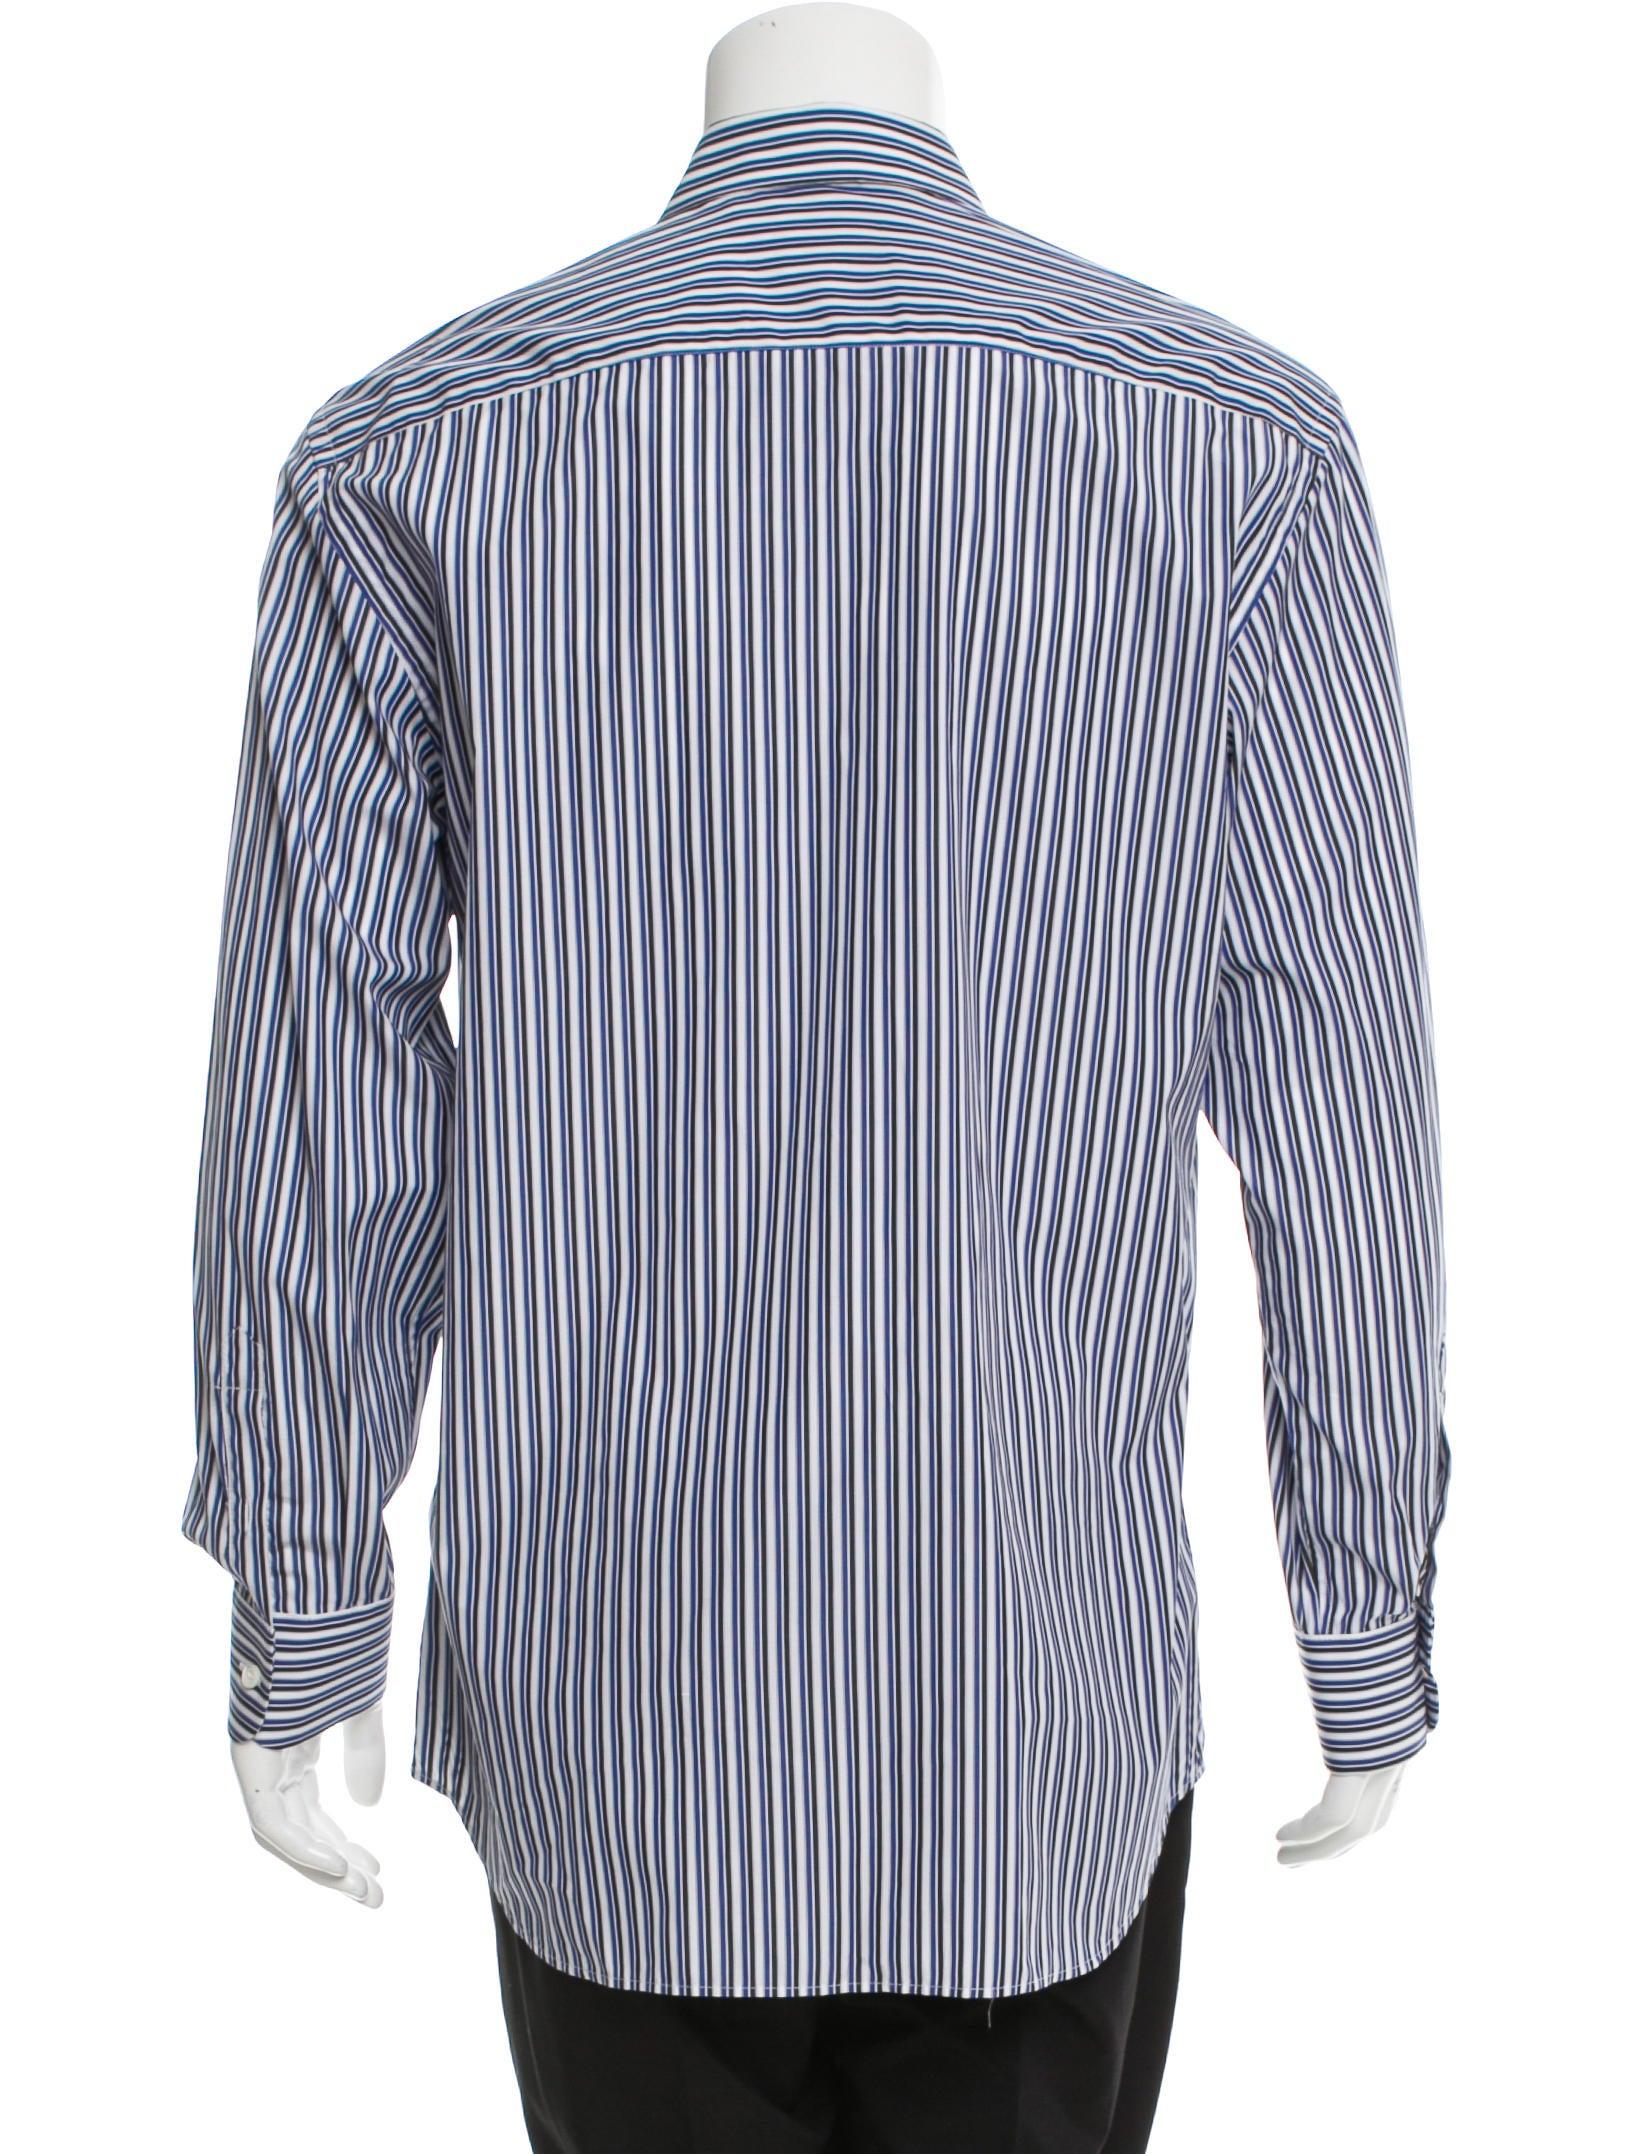 Prada striped button up shirt clothing pra149556 the for Striped button up shirt mens